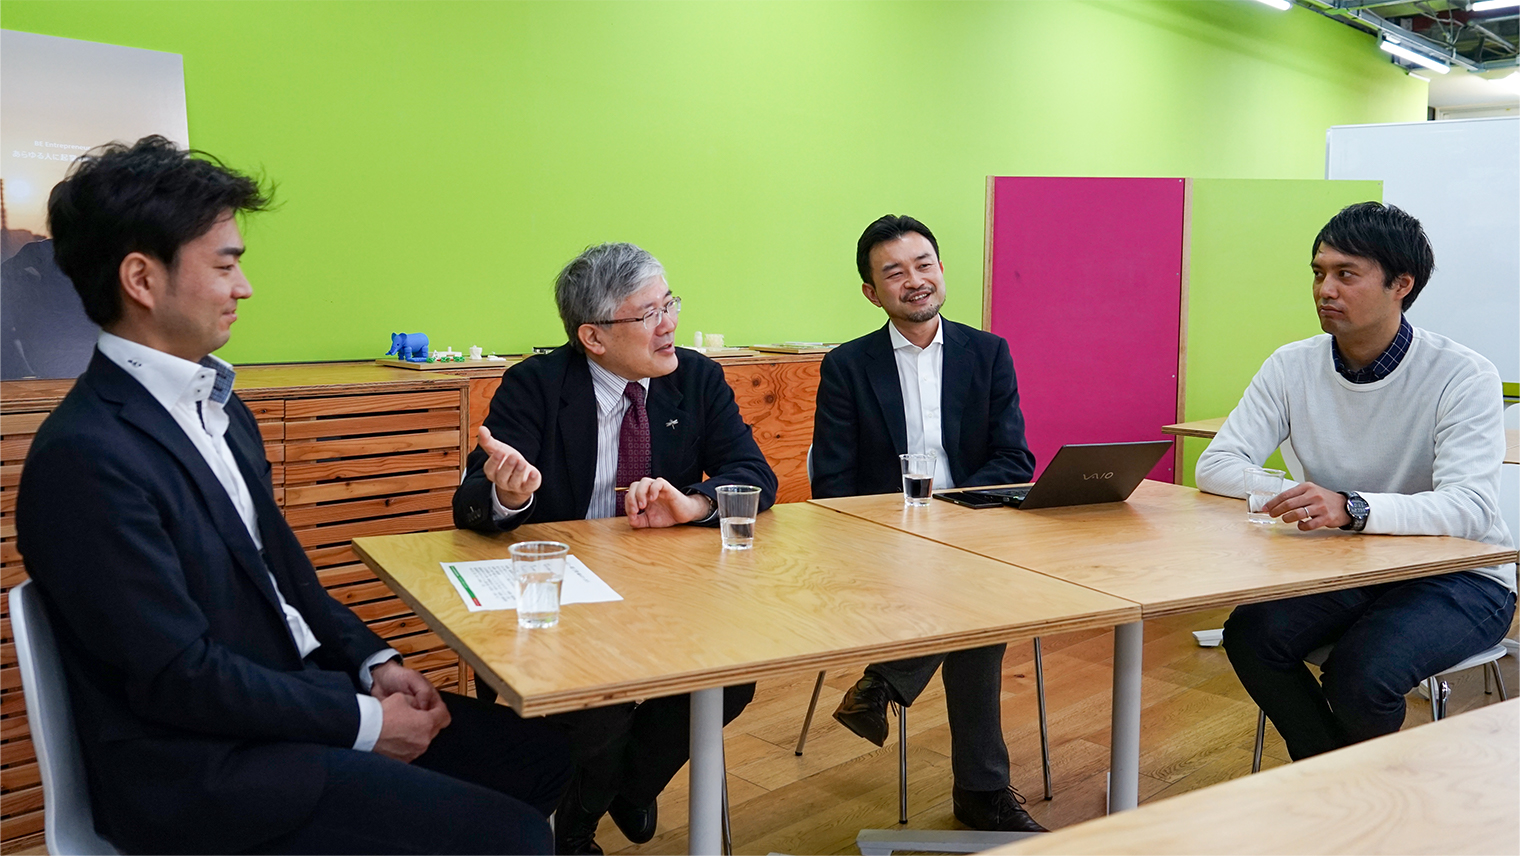 東京大学 工学系研究科の中尾教授・長藤准教授、SSAP代表小田島伸至、講座プロデューサー杉上雄紀